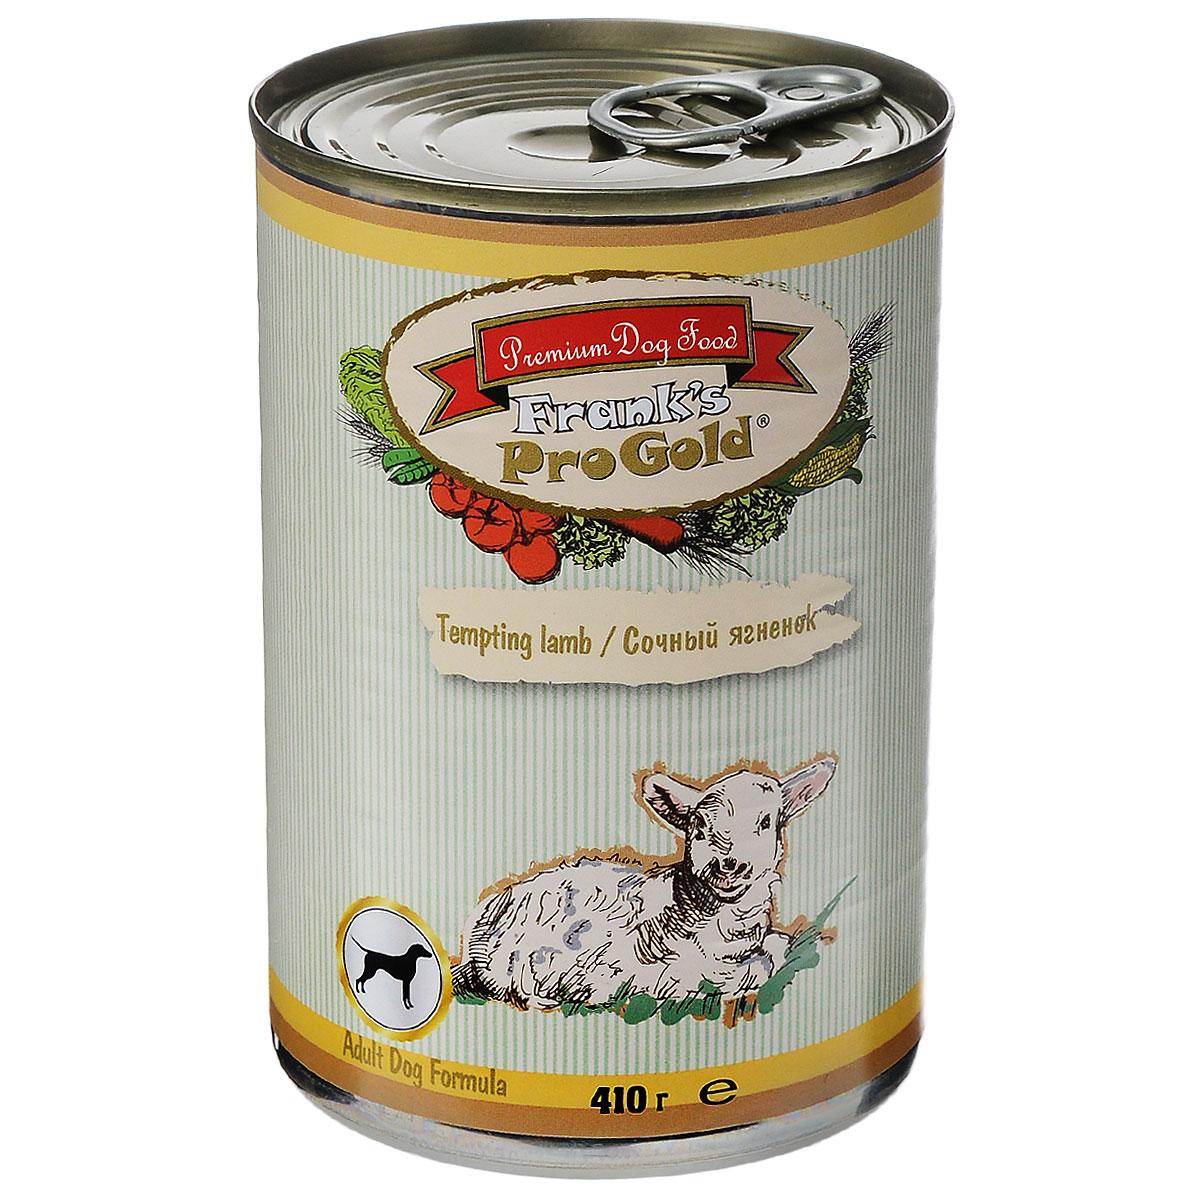 """Frank's ProGold Консервы для собак """"Сочный ягненок"""" (Tempting lamb Adult Dog Recipe), 410 г."""